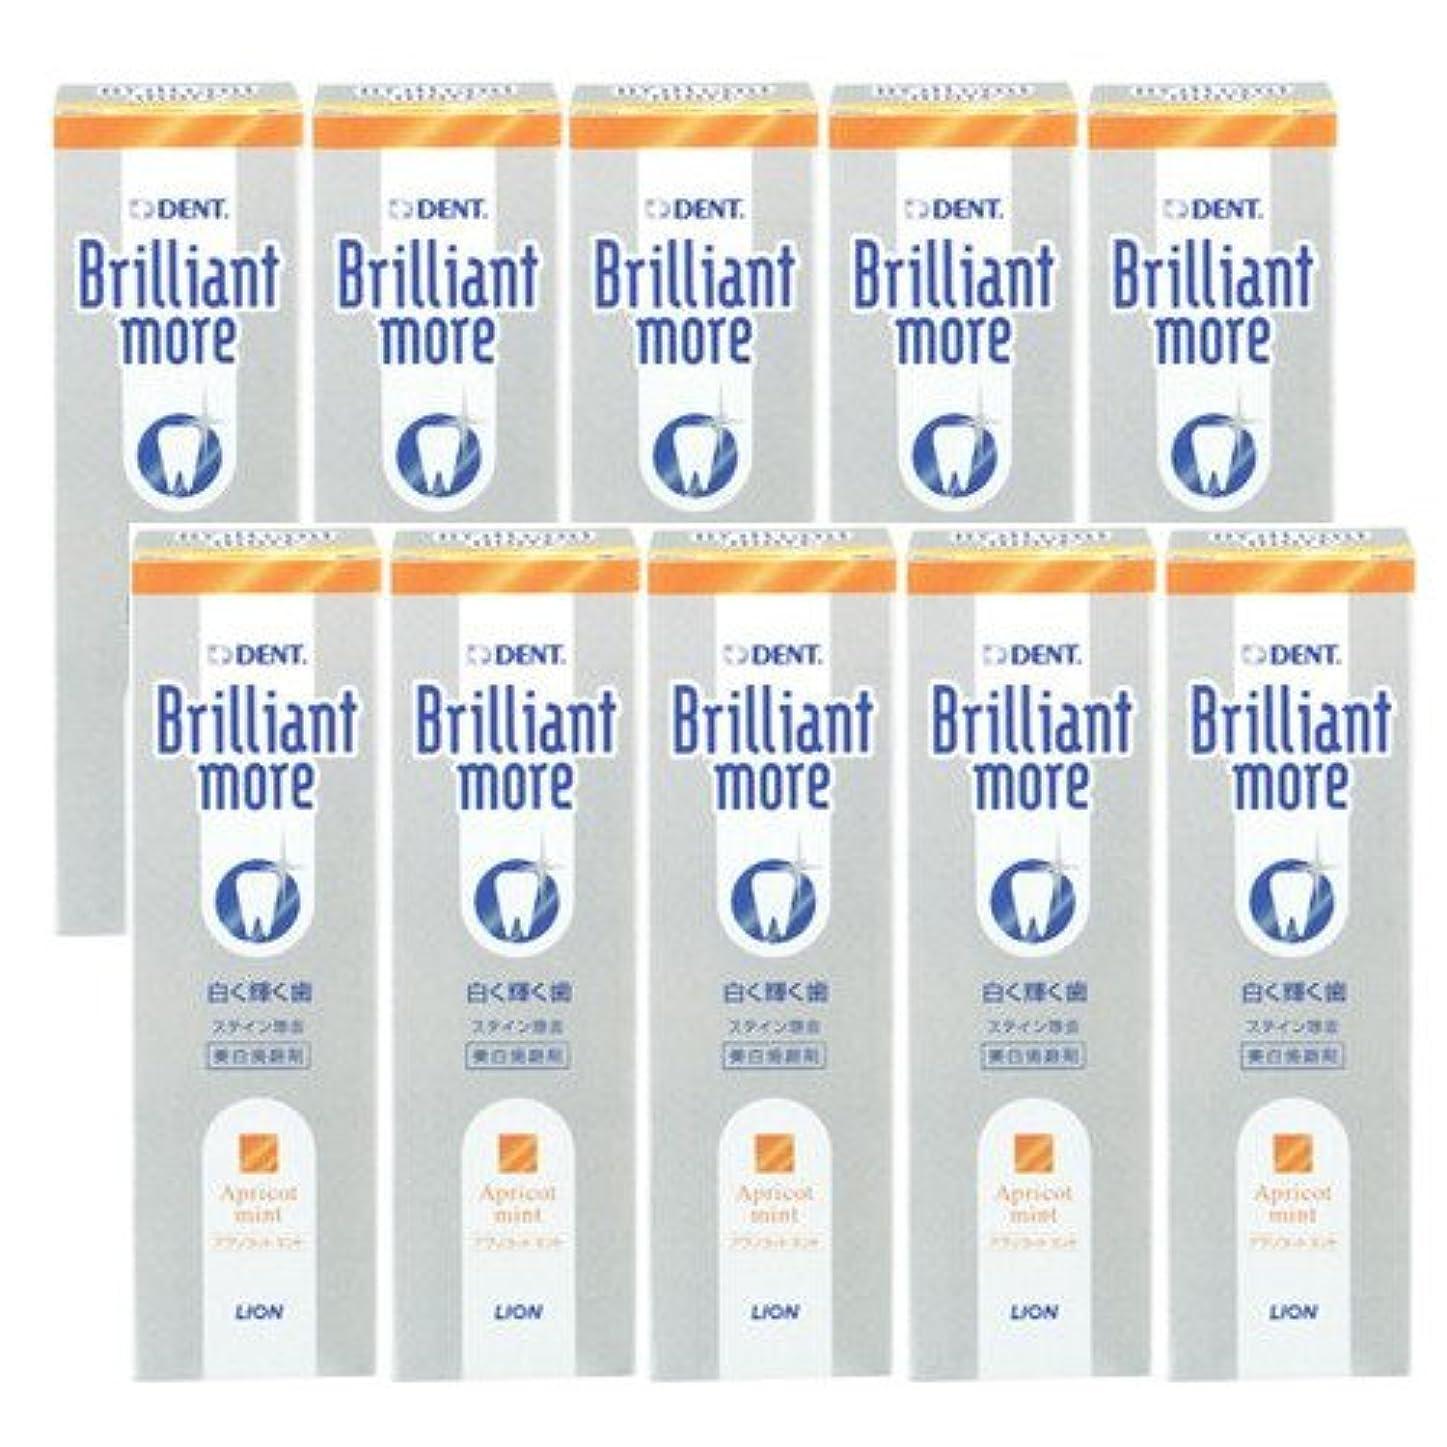 国籍明るい同等のライオン ブリリアントモア アプリコットミント 美白歯磨剤 LION Brilliant more 10本セット